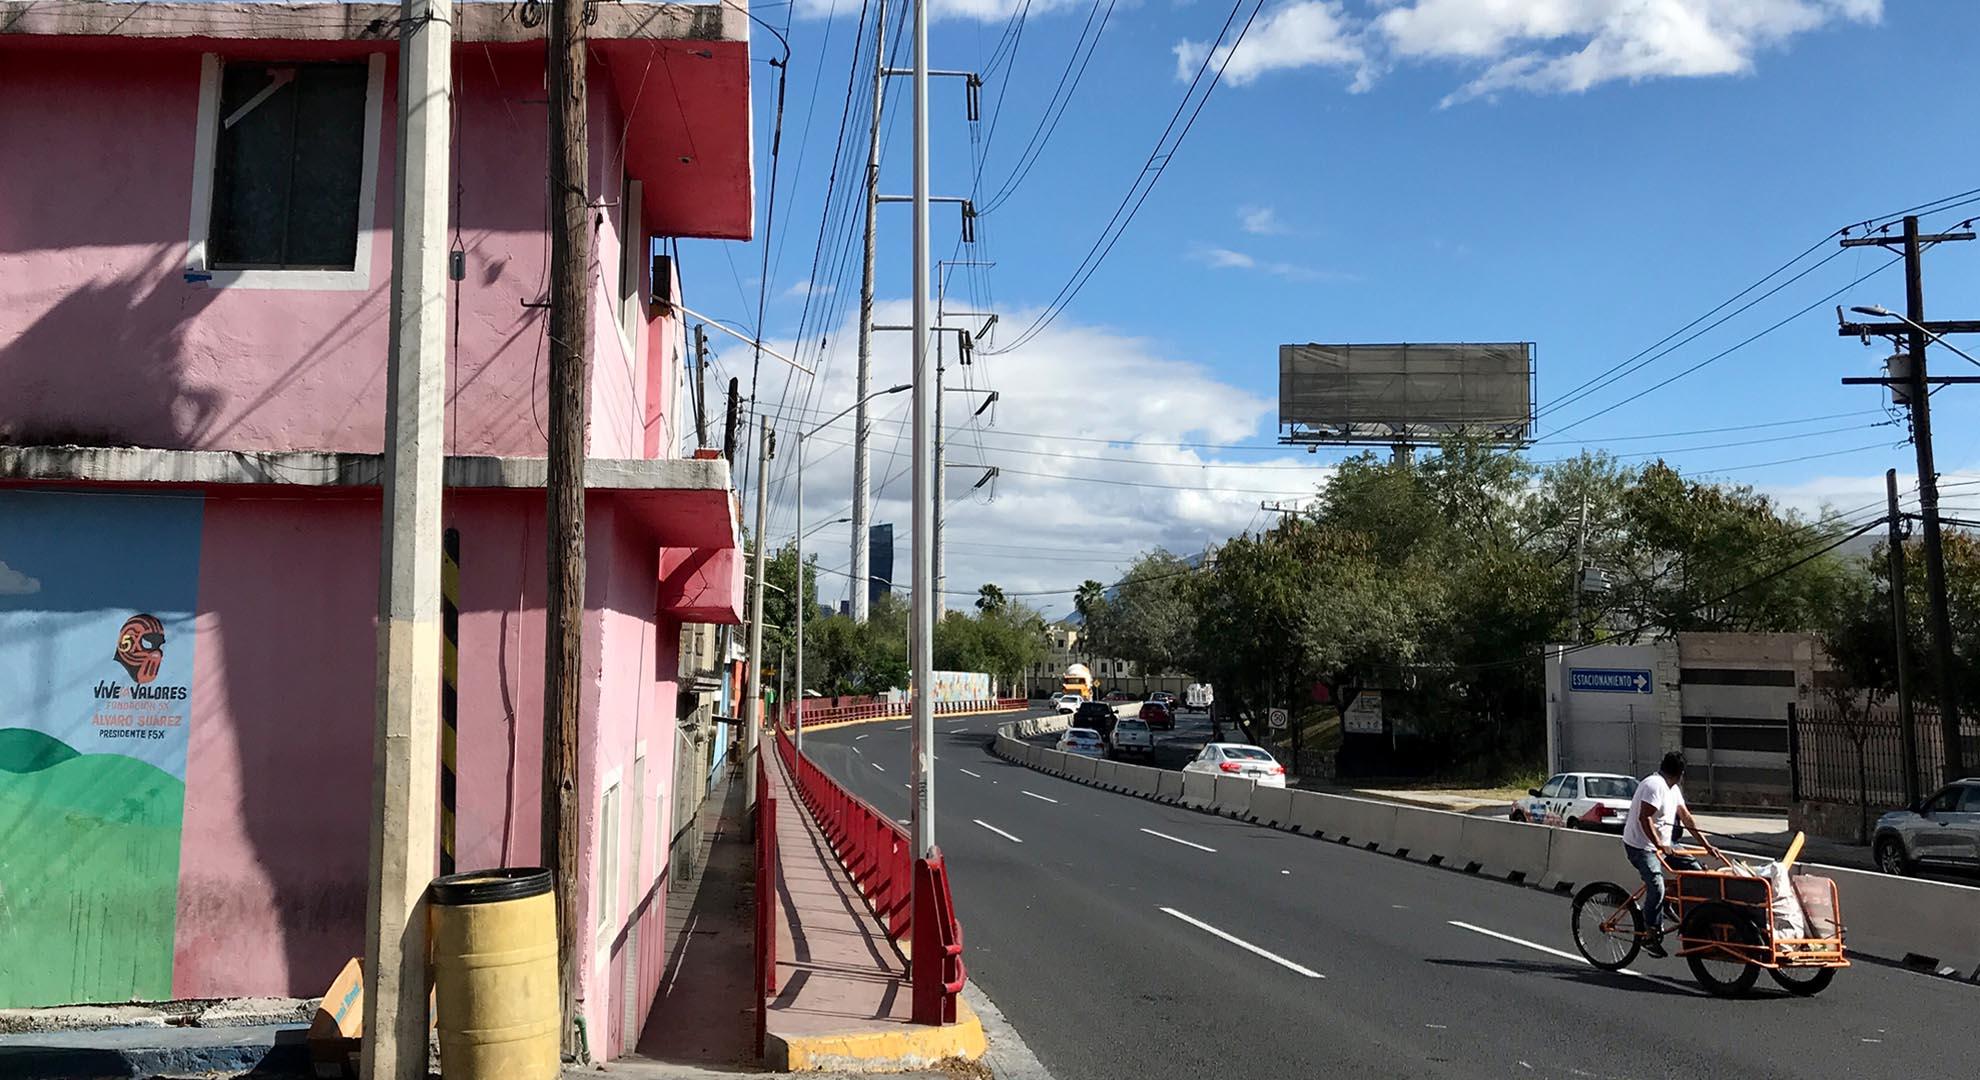 A view of a neighbourhood in Monterrey, México.